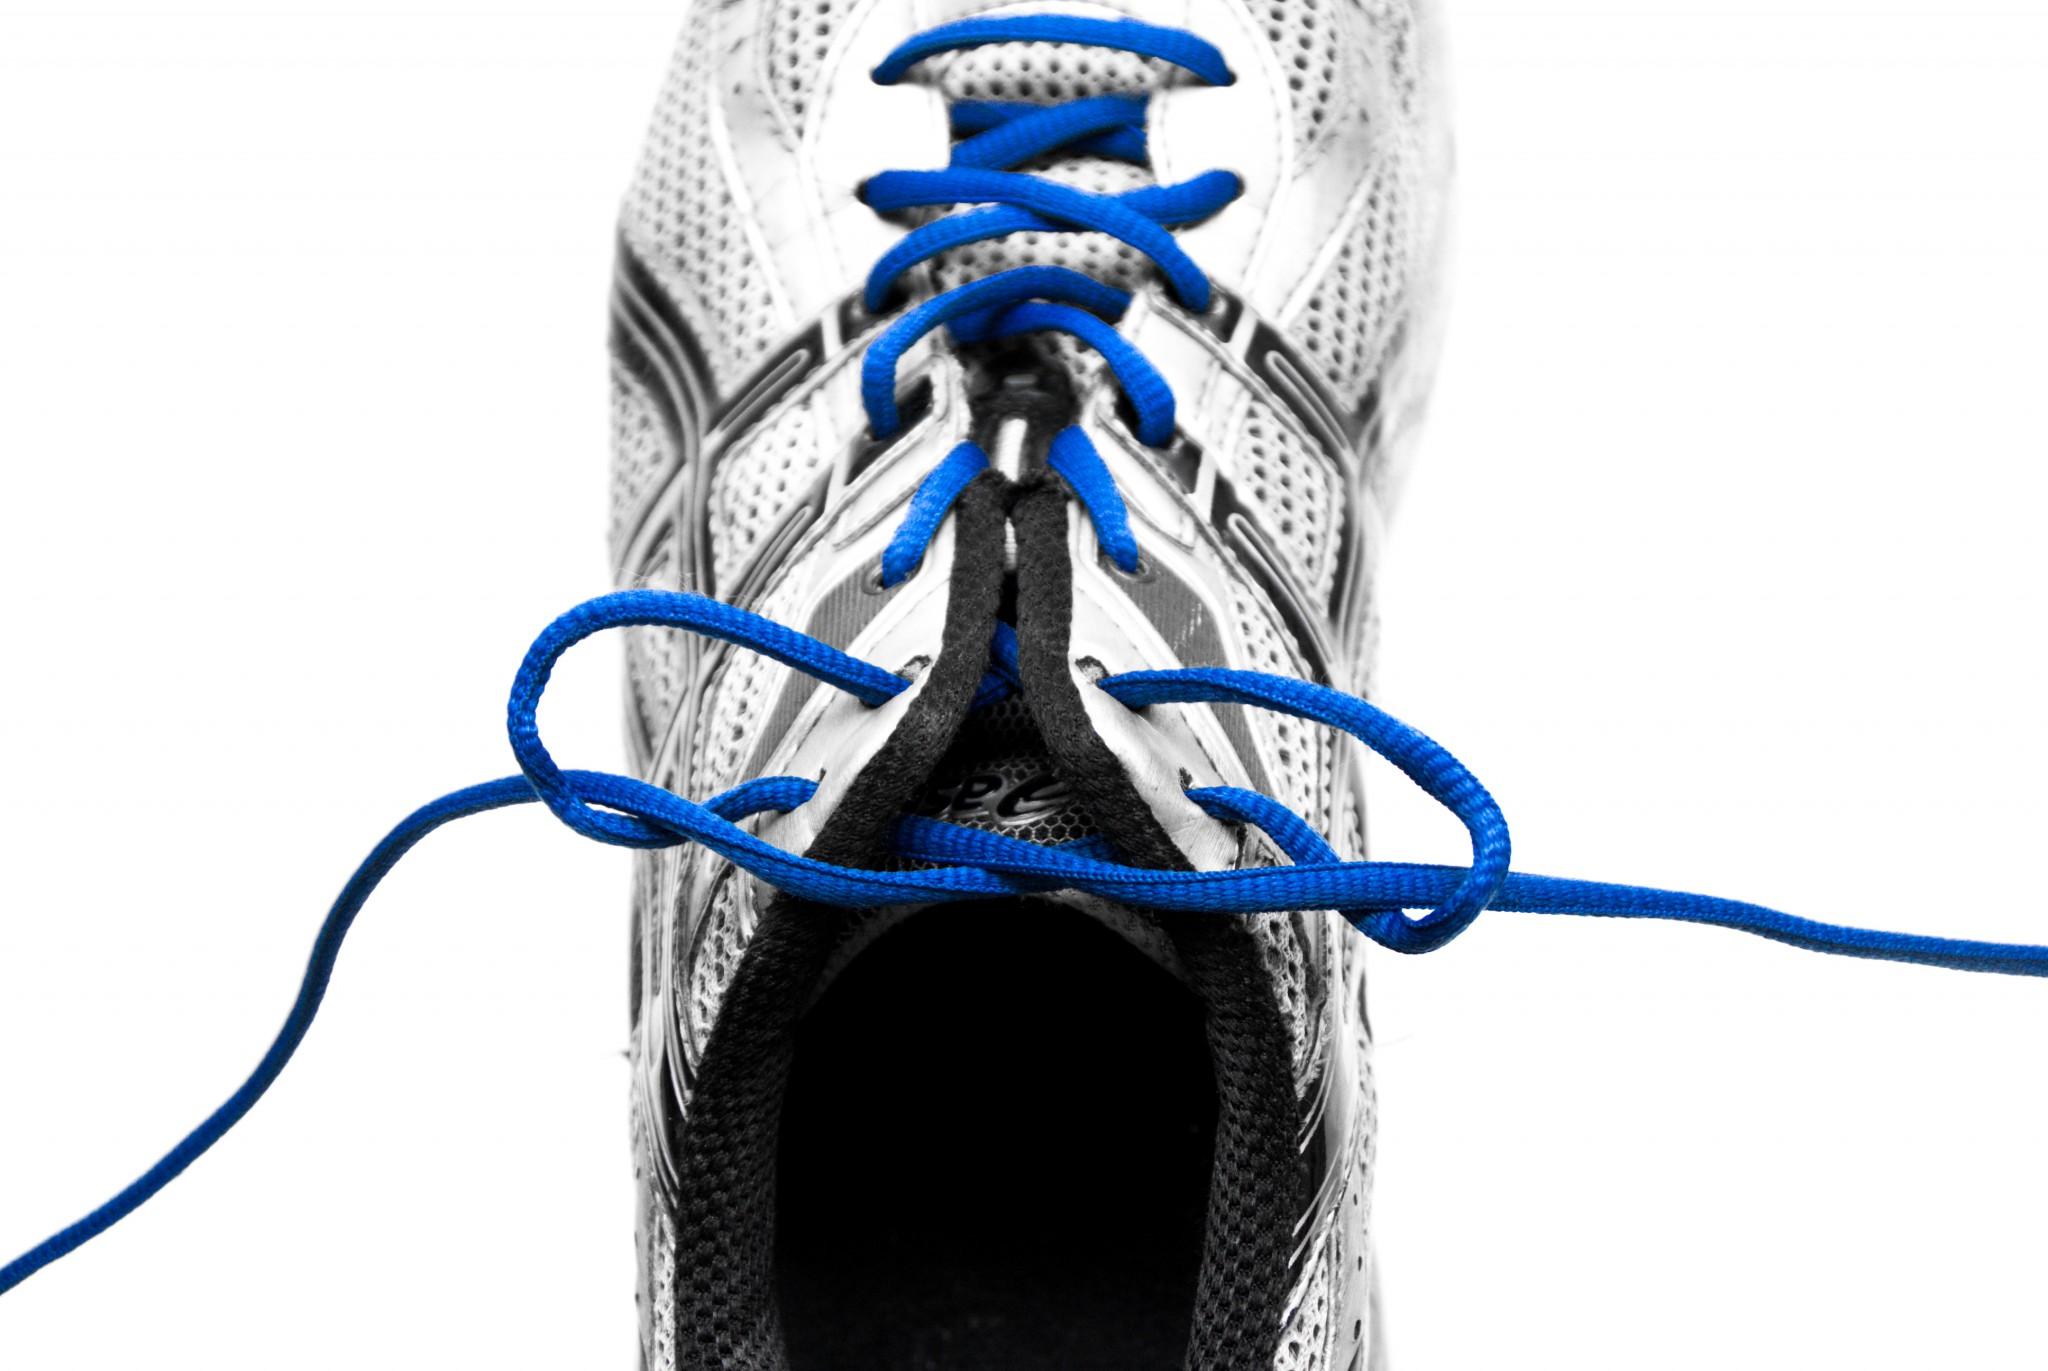 Marathonschnuerung2 - Marathontraining: So kannst du einen..